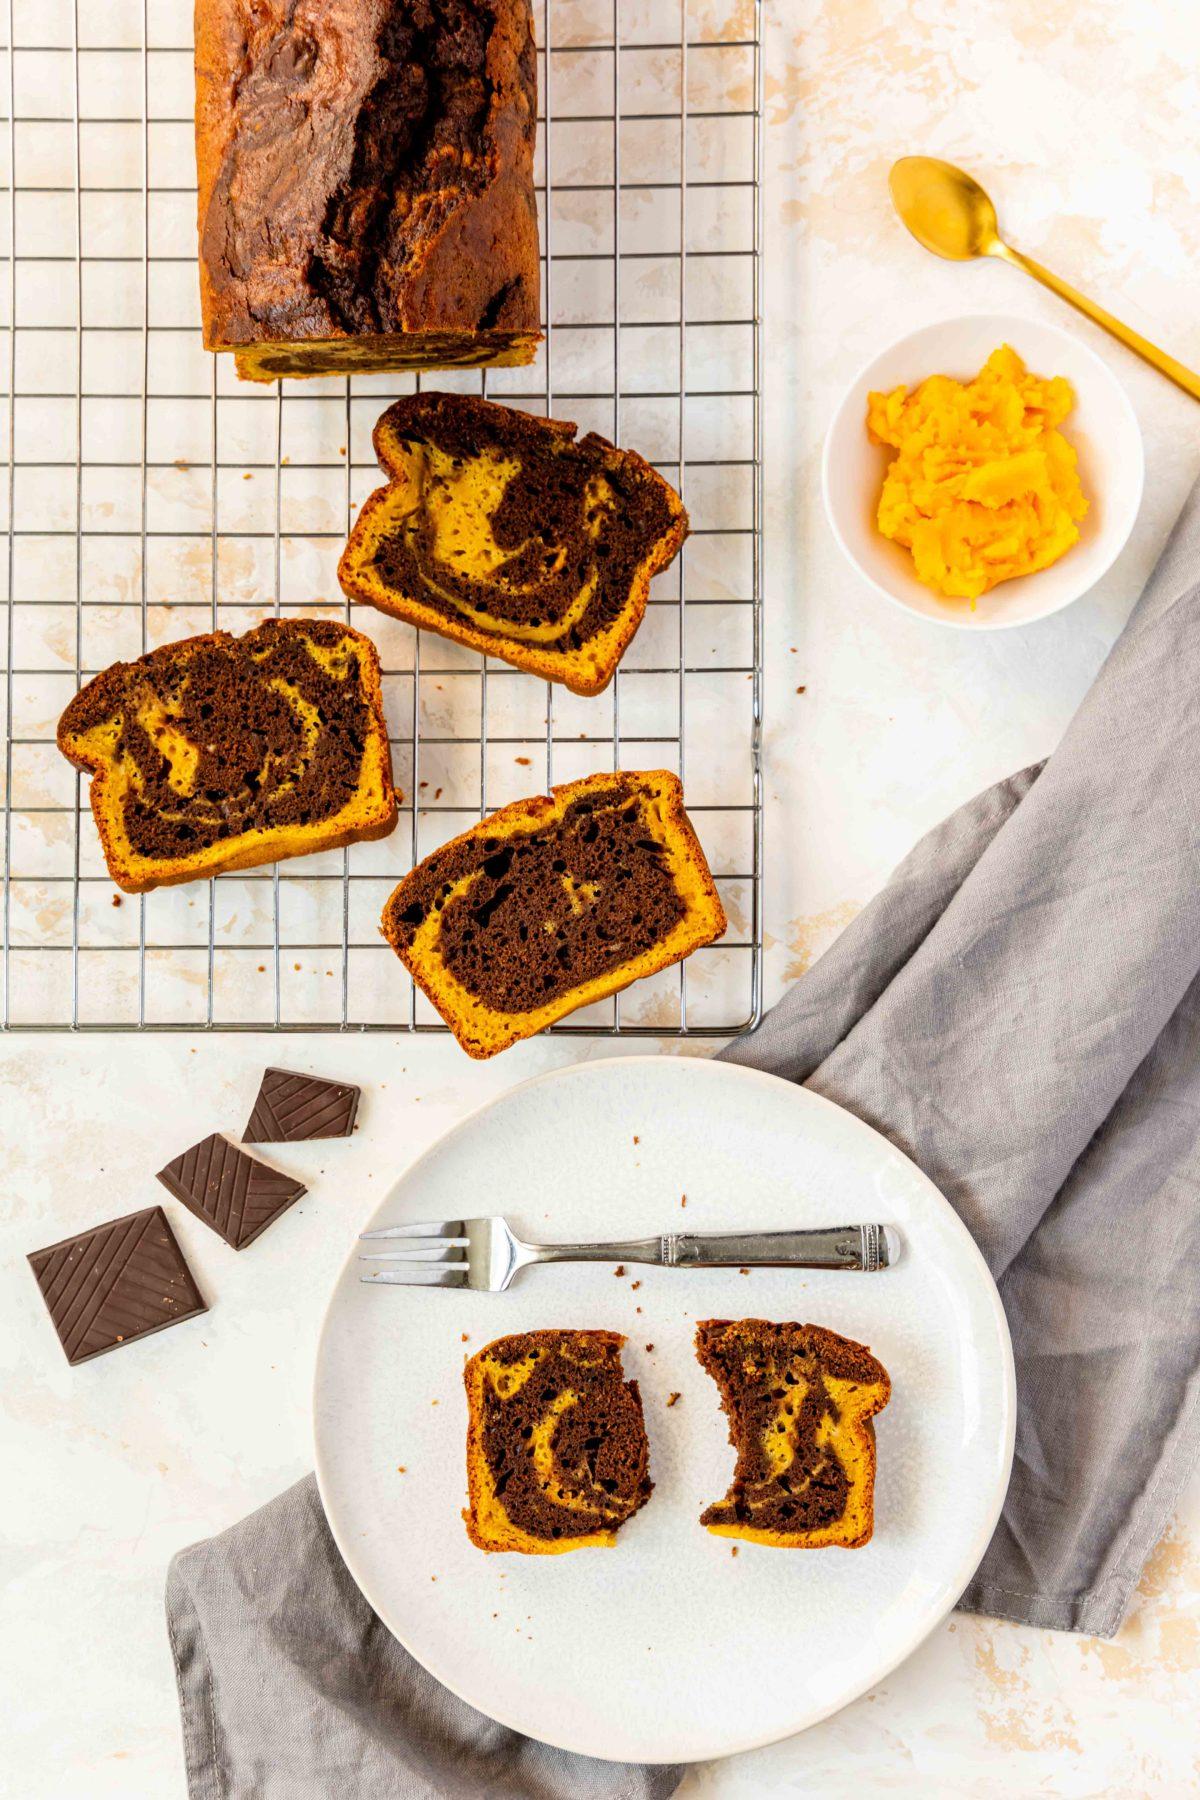 Kürbis-Marmorkuchen mit Schokolade und Pumpkin Spice // Pumpkin marble cake by https://babyrockmyday.com/kuerbis-marmorkuchen/